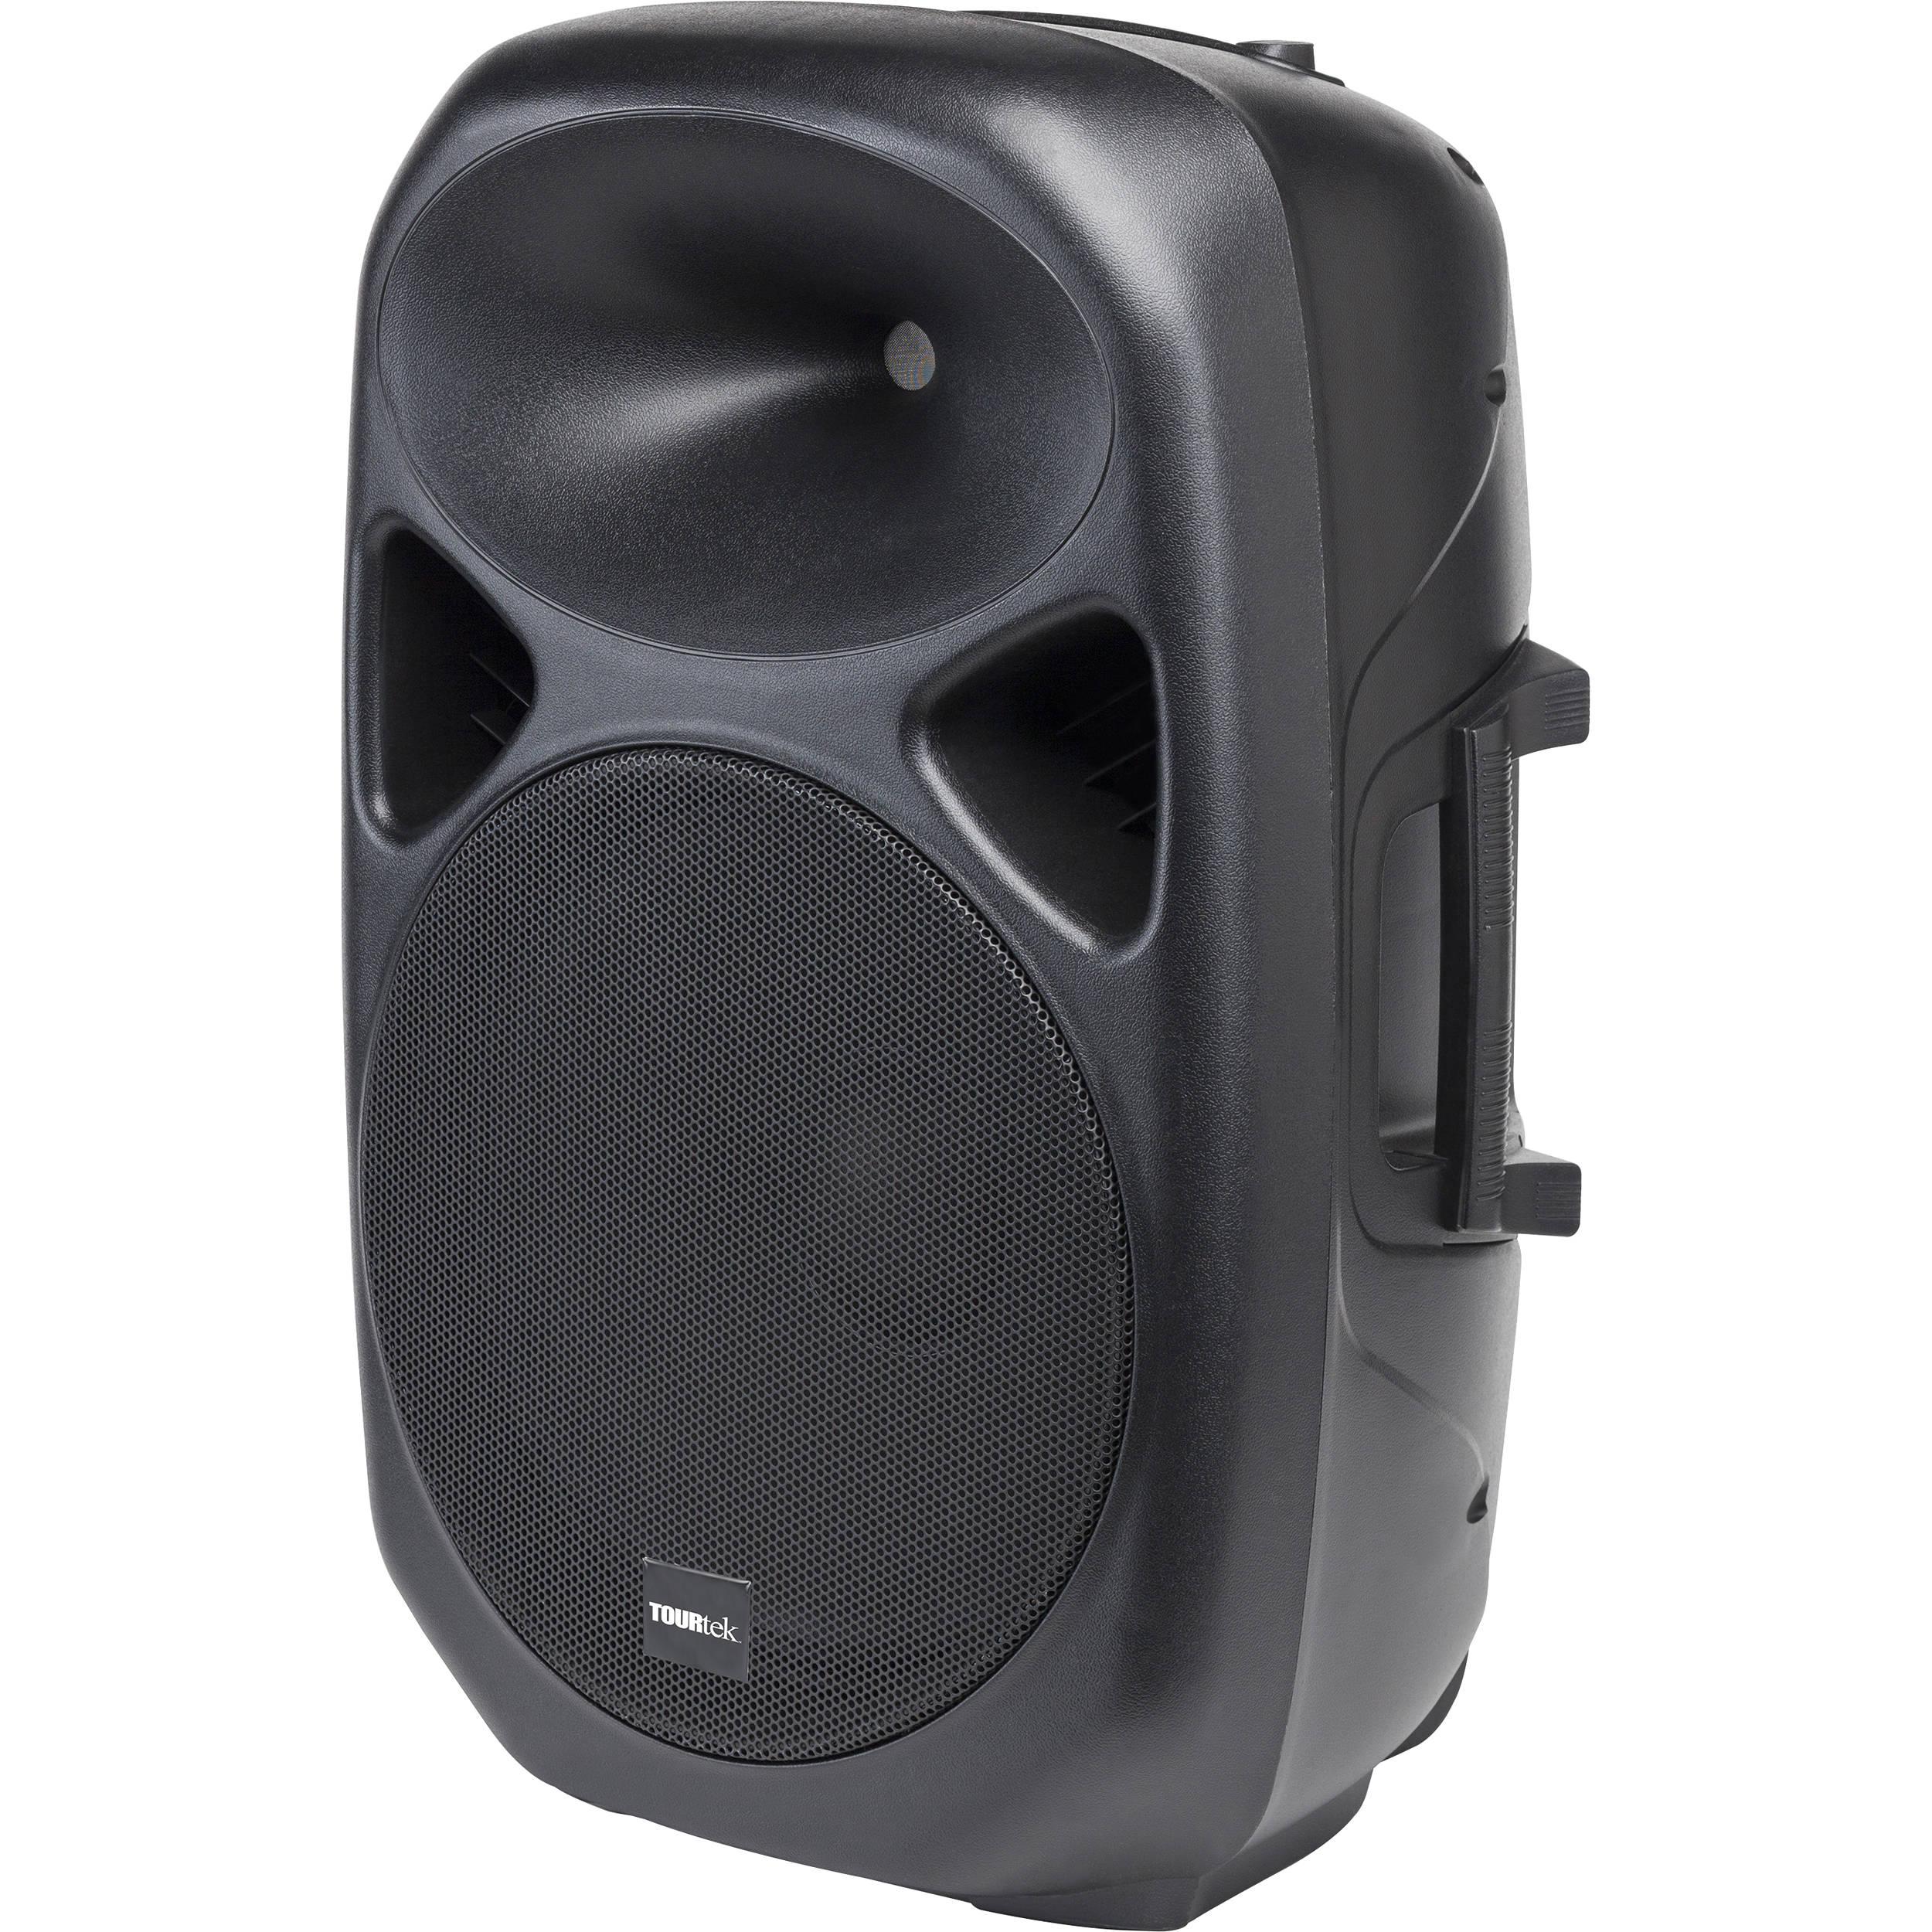 Https C Product 1393646 Reg Virus 16 Awg Speaker Tourtek Sagp15a 2 Way Active Pa 1394590